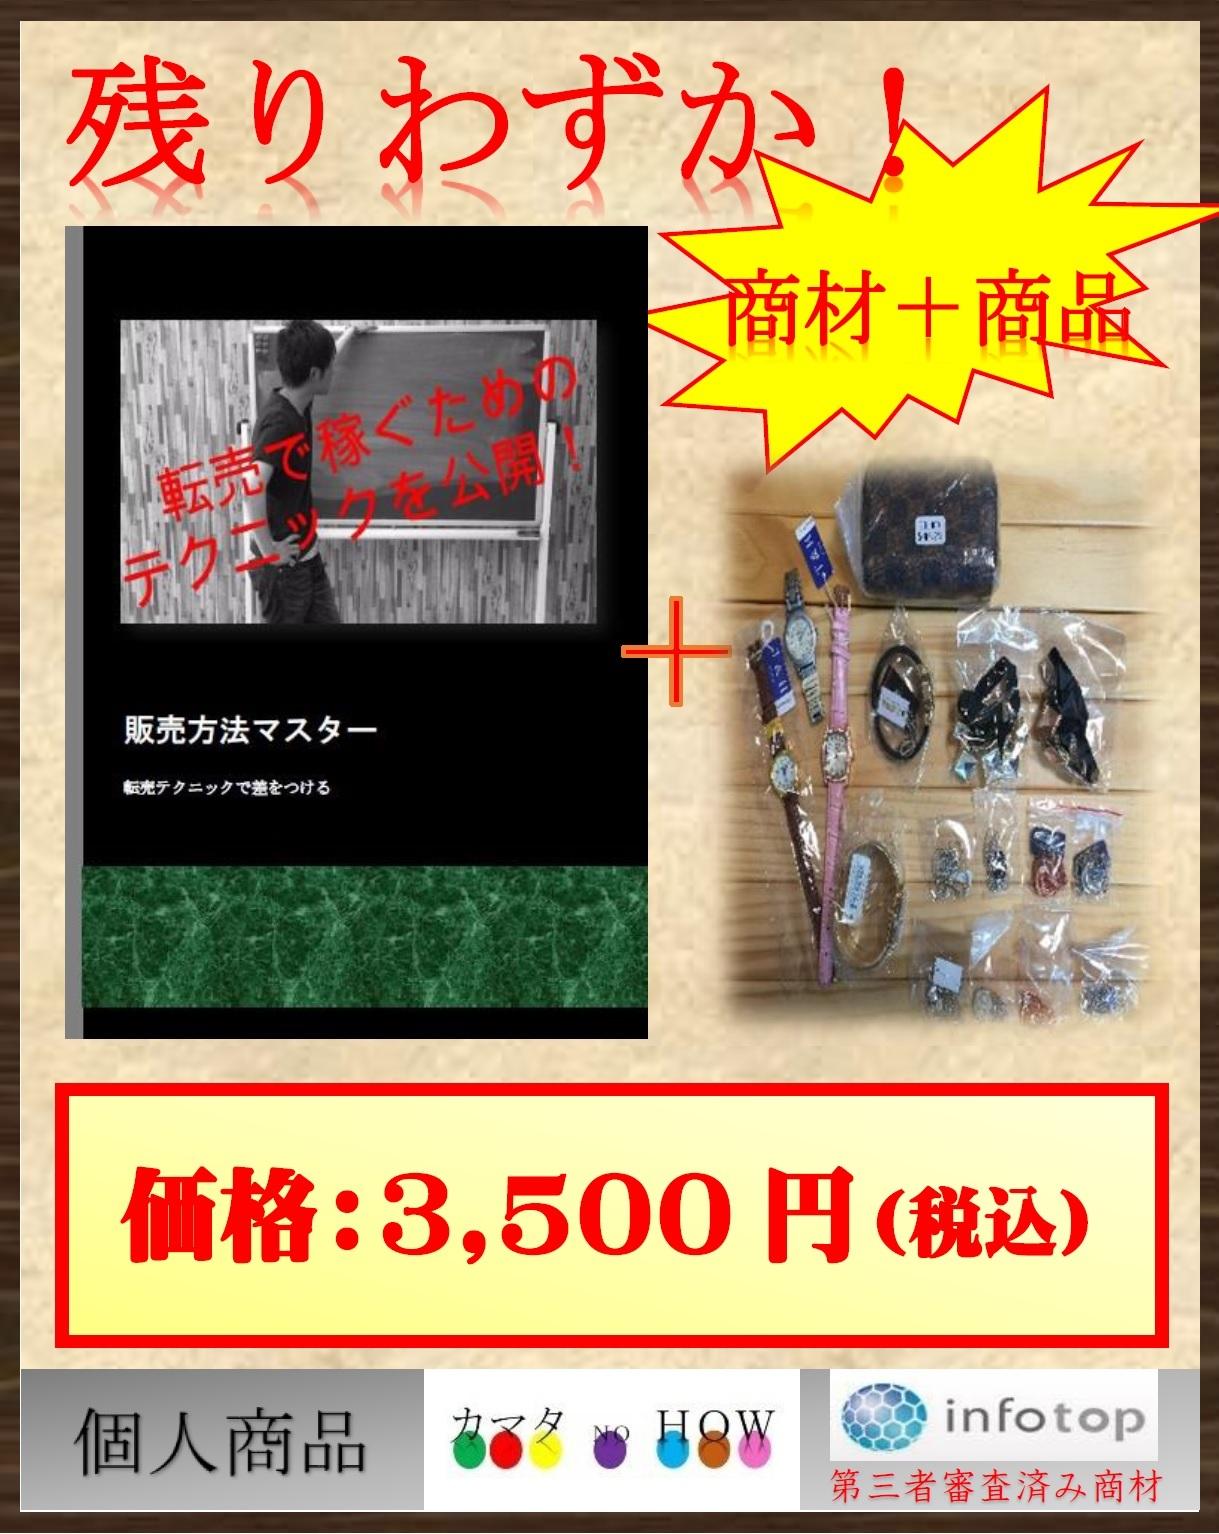 販売方法マスター+「転売用商品(16点)」★残りわずか!★